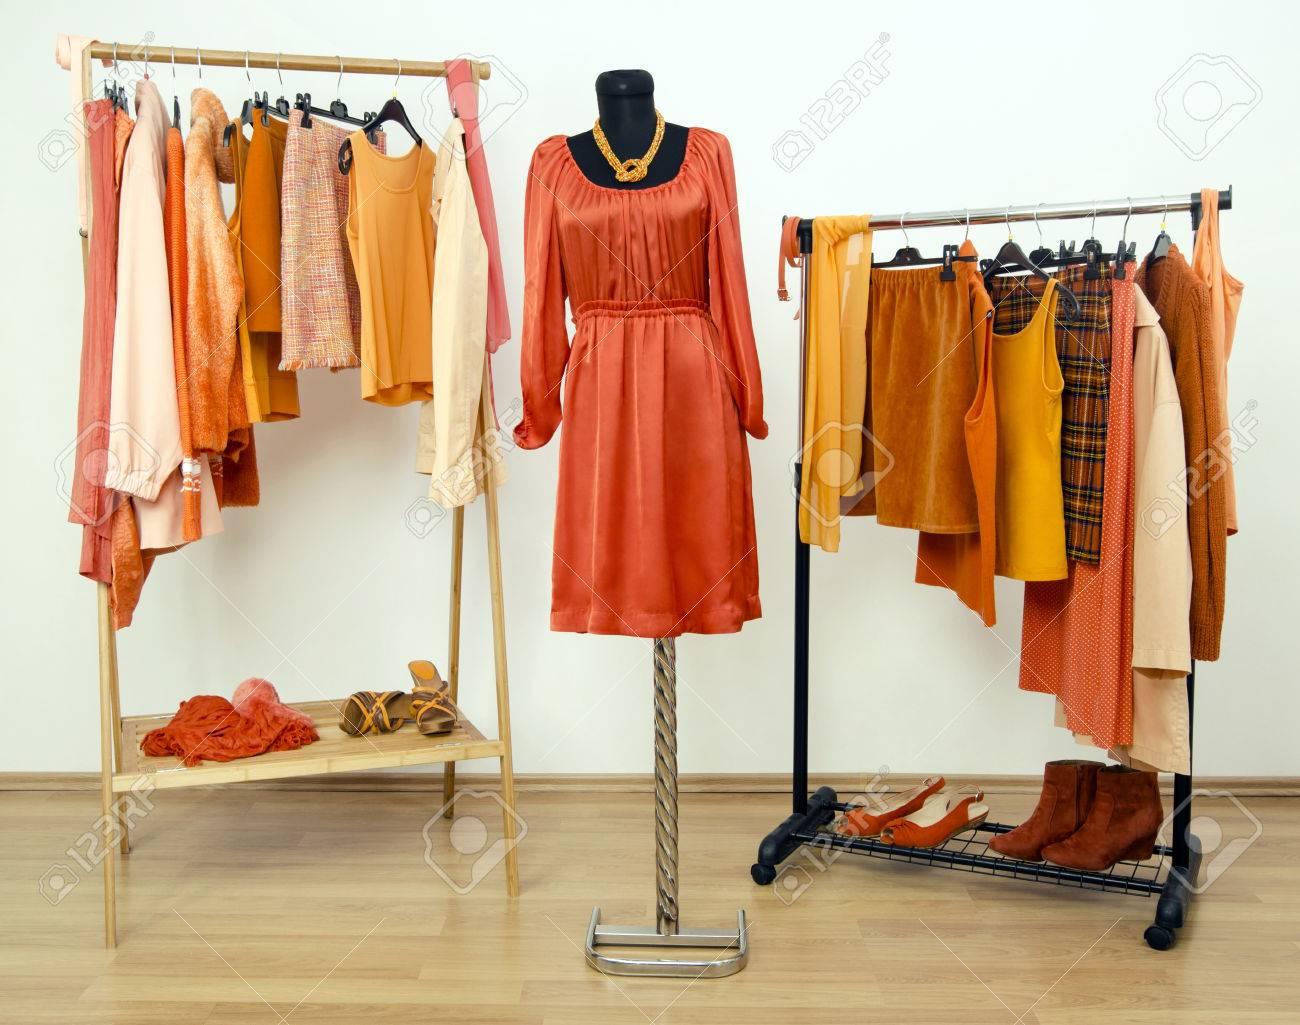 vestir armario con ropa de color naranja dispuestos en perchas y un vestido en un maniqu